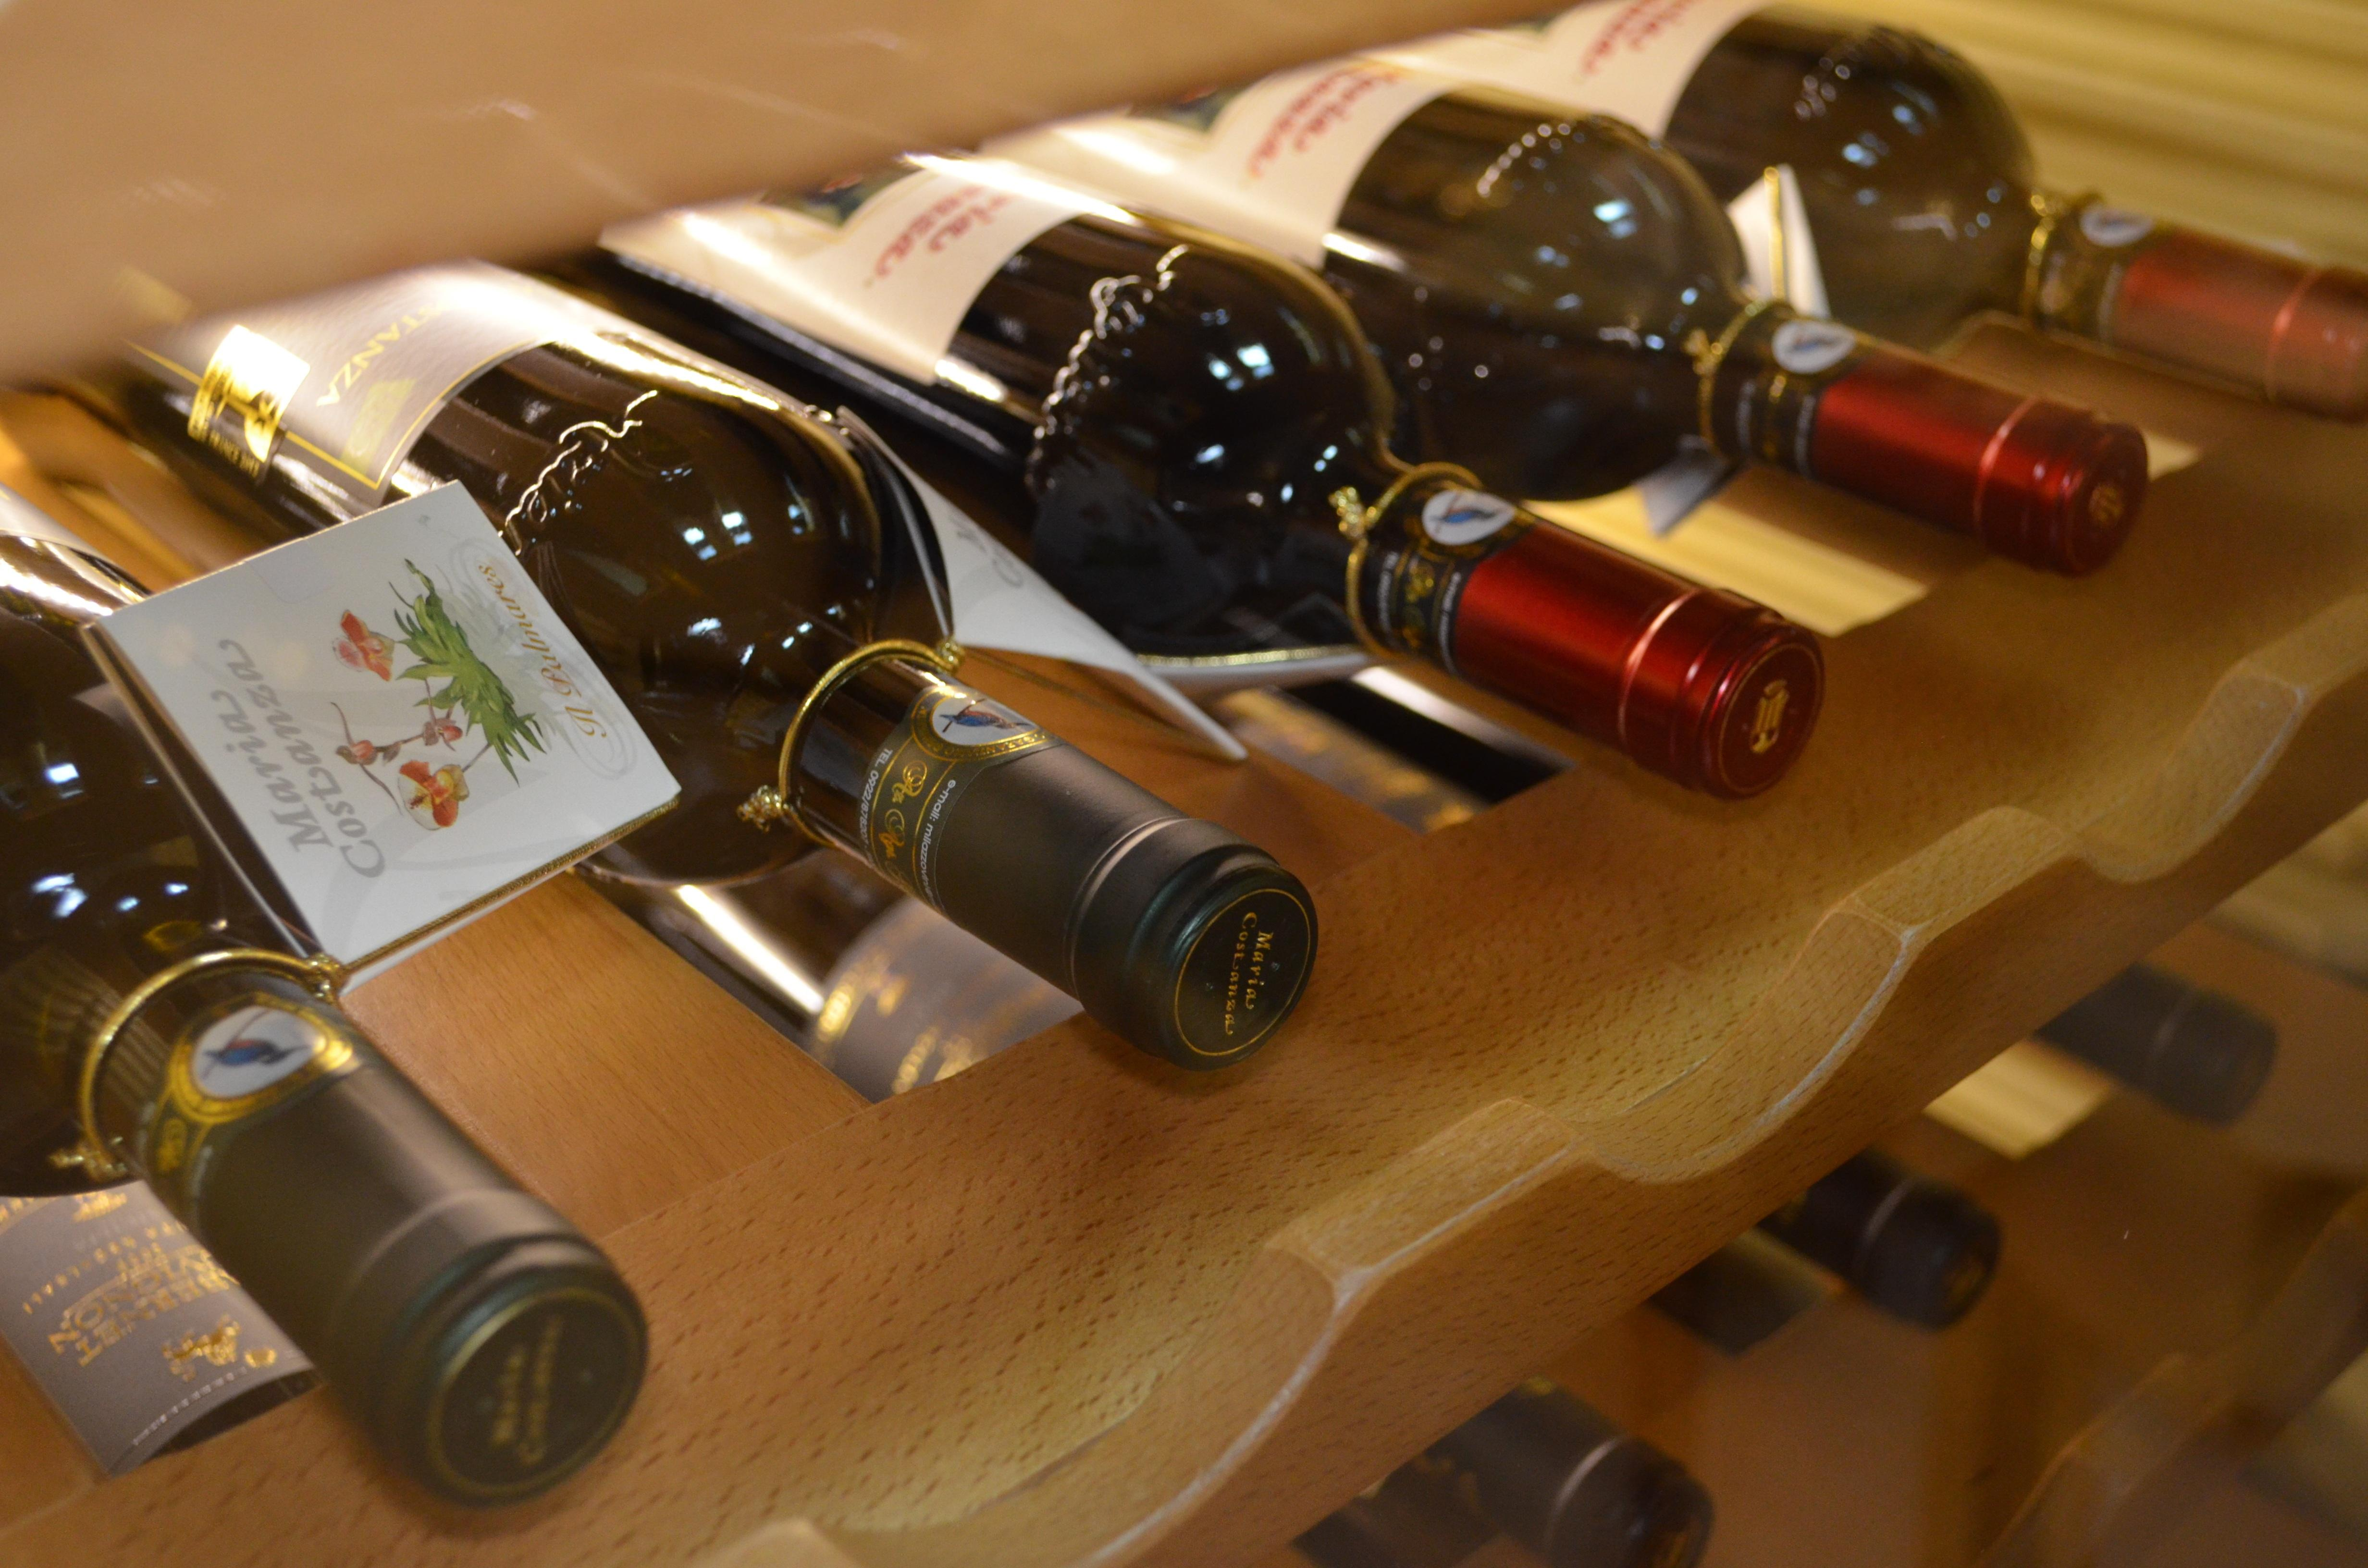 Как открыть бутылку вина без штопора: несколько проверенных способов